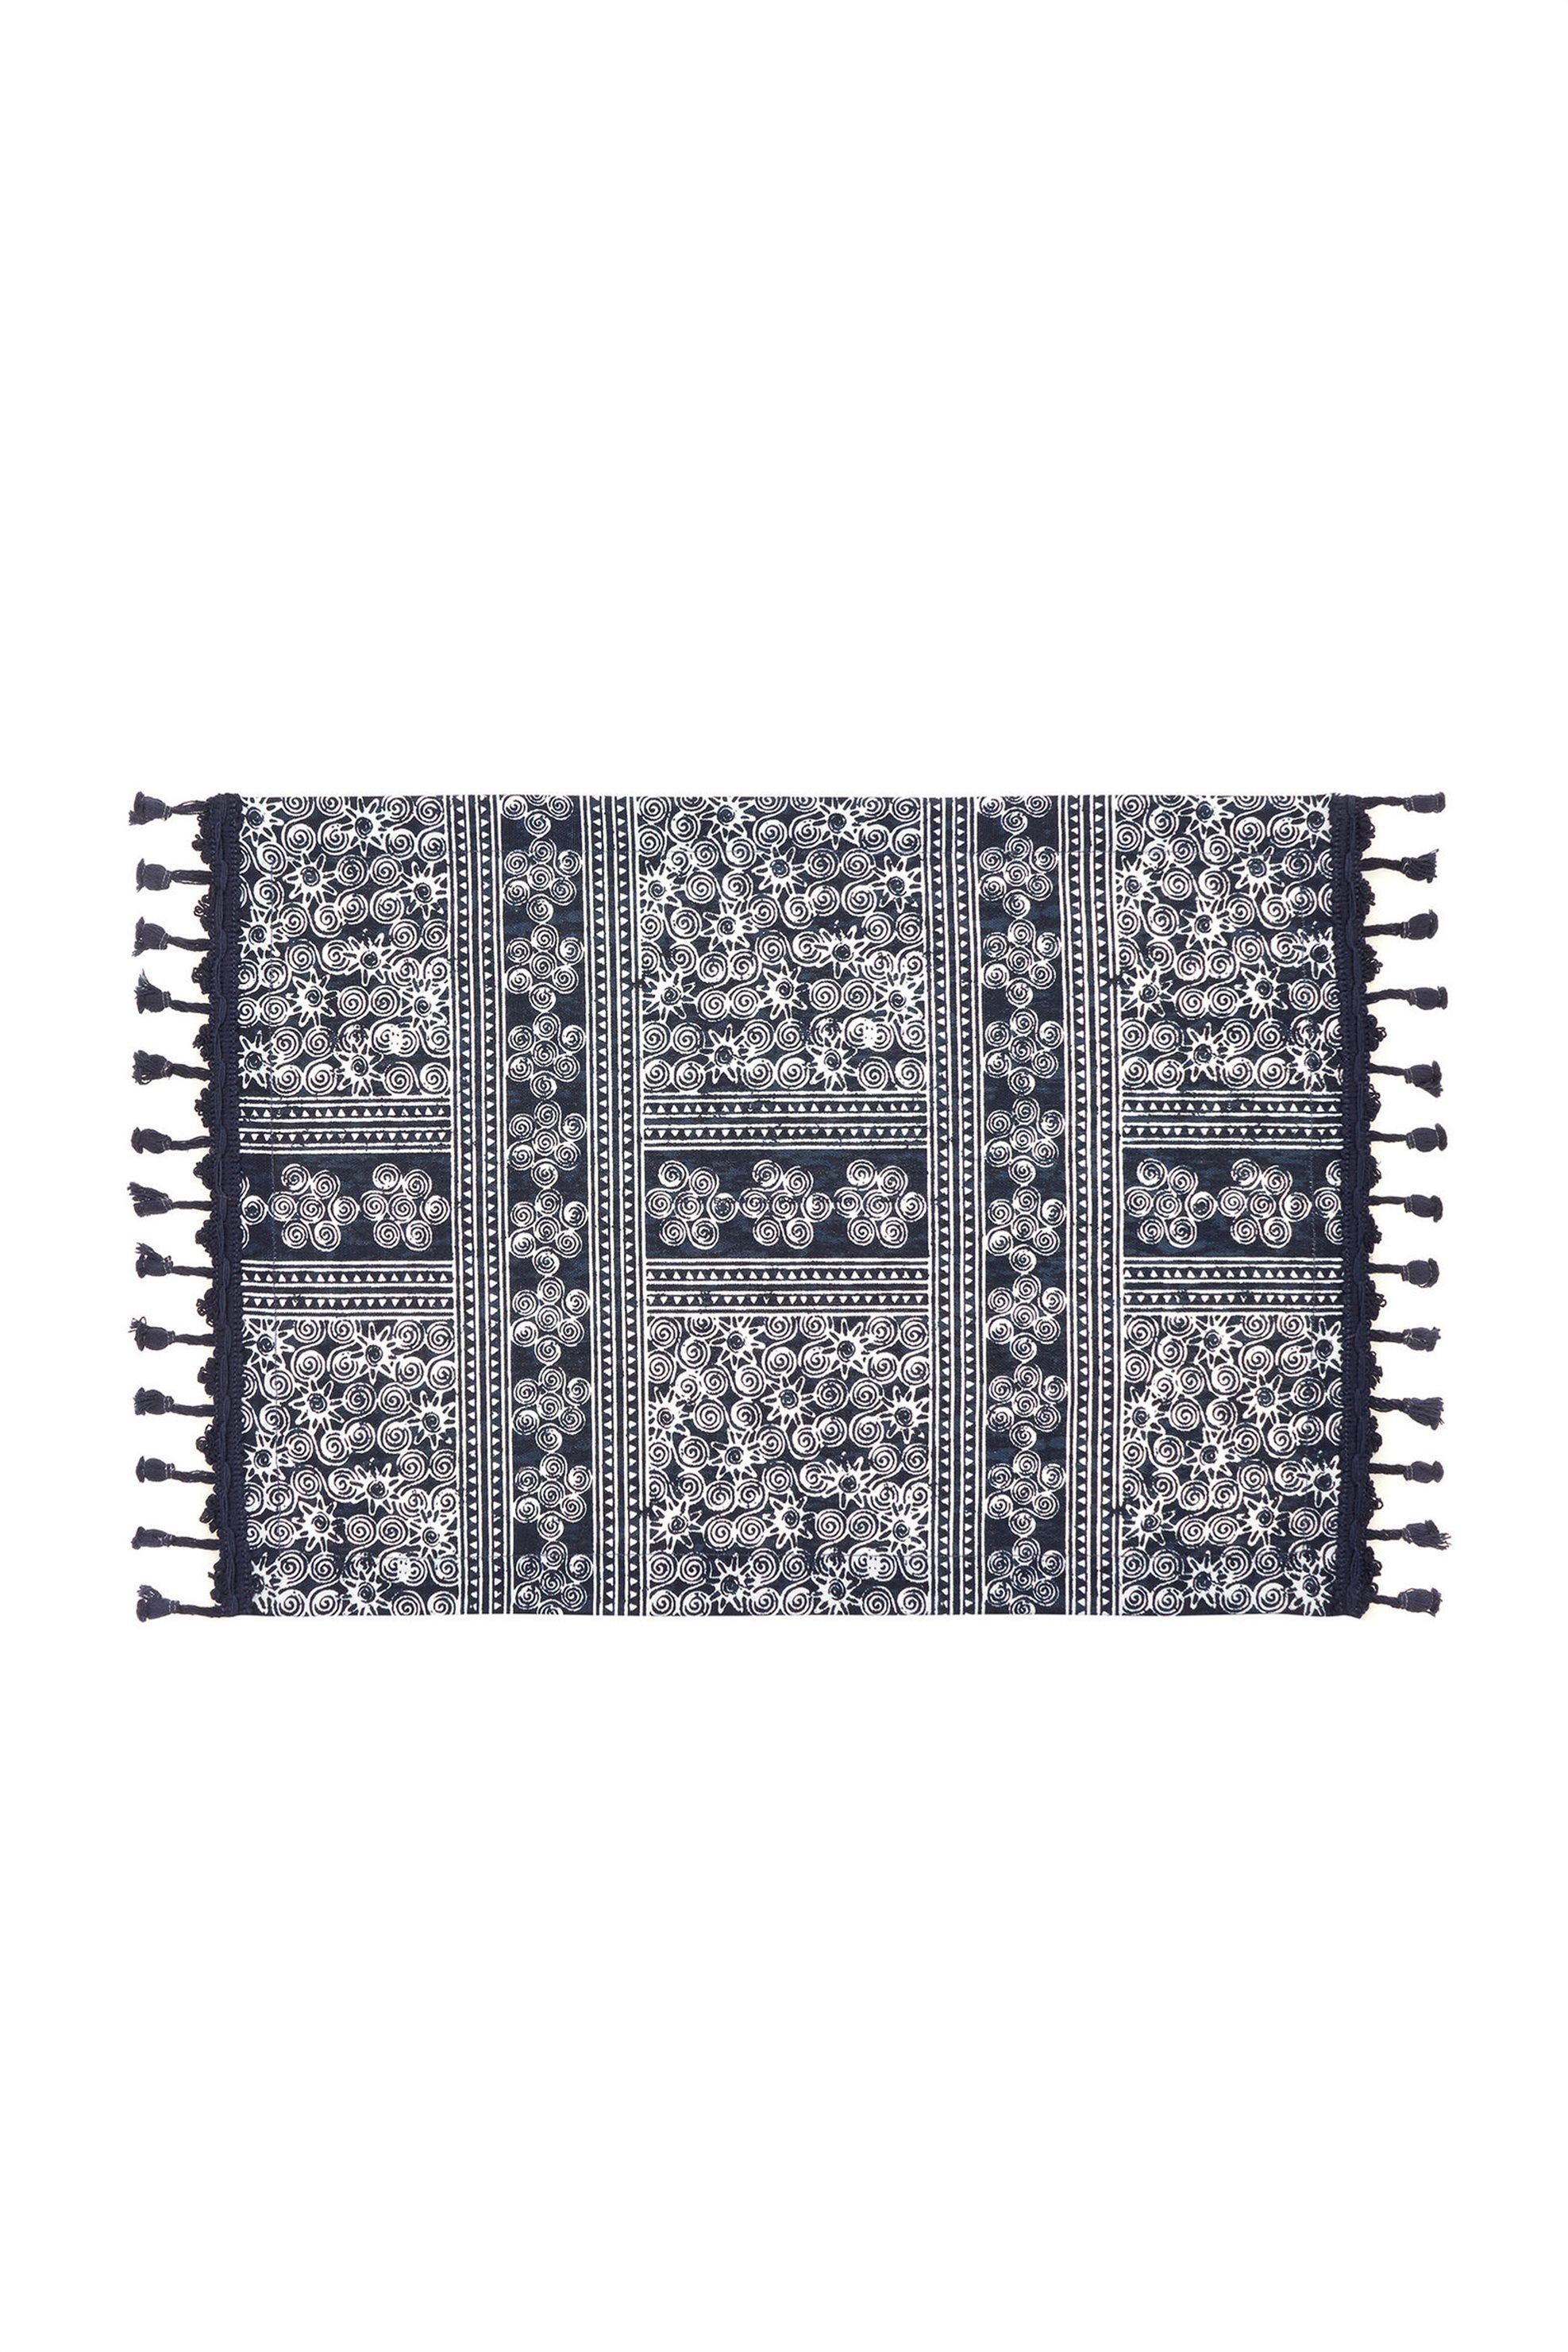 Σουπλά με γεωμετρικό σχέδιο και κρόσσια 35 x 50 cm Coincasa - 000496161 - Μπλε home